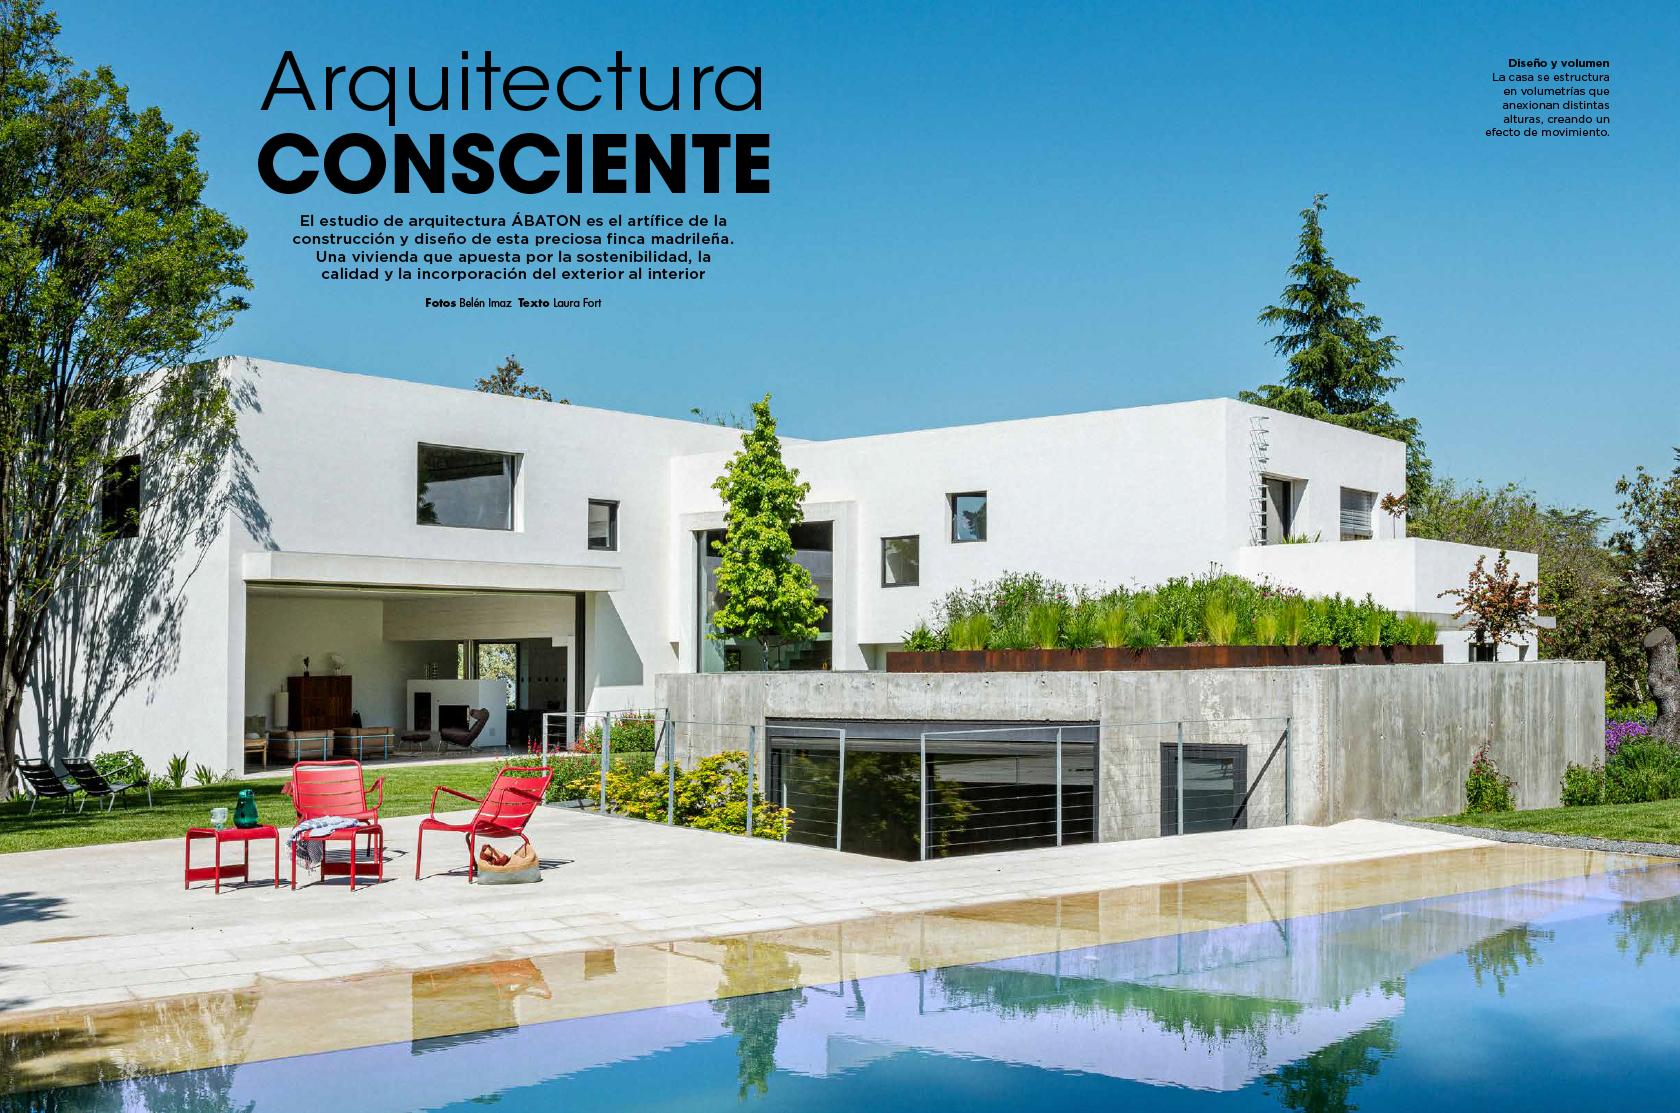 INTERIORES (ESPAÑA). JULIO 2021 0